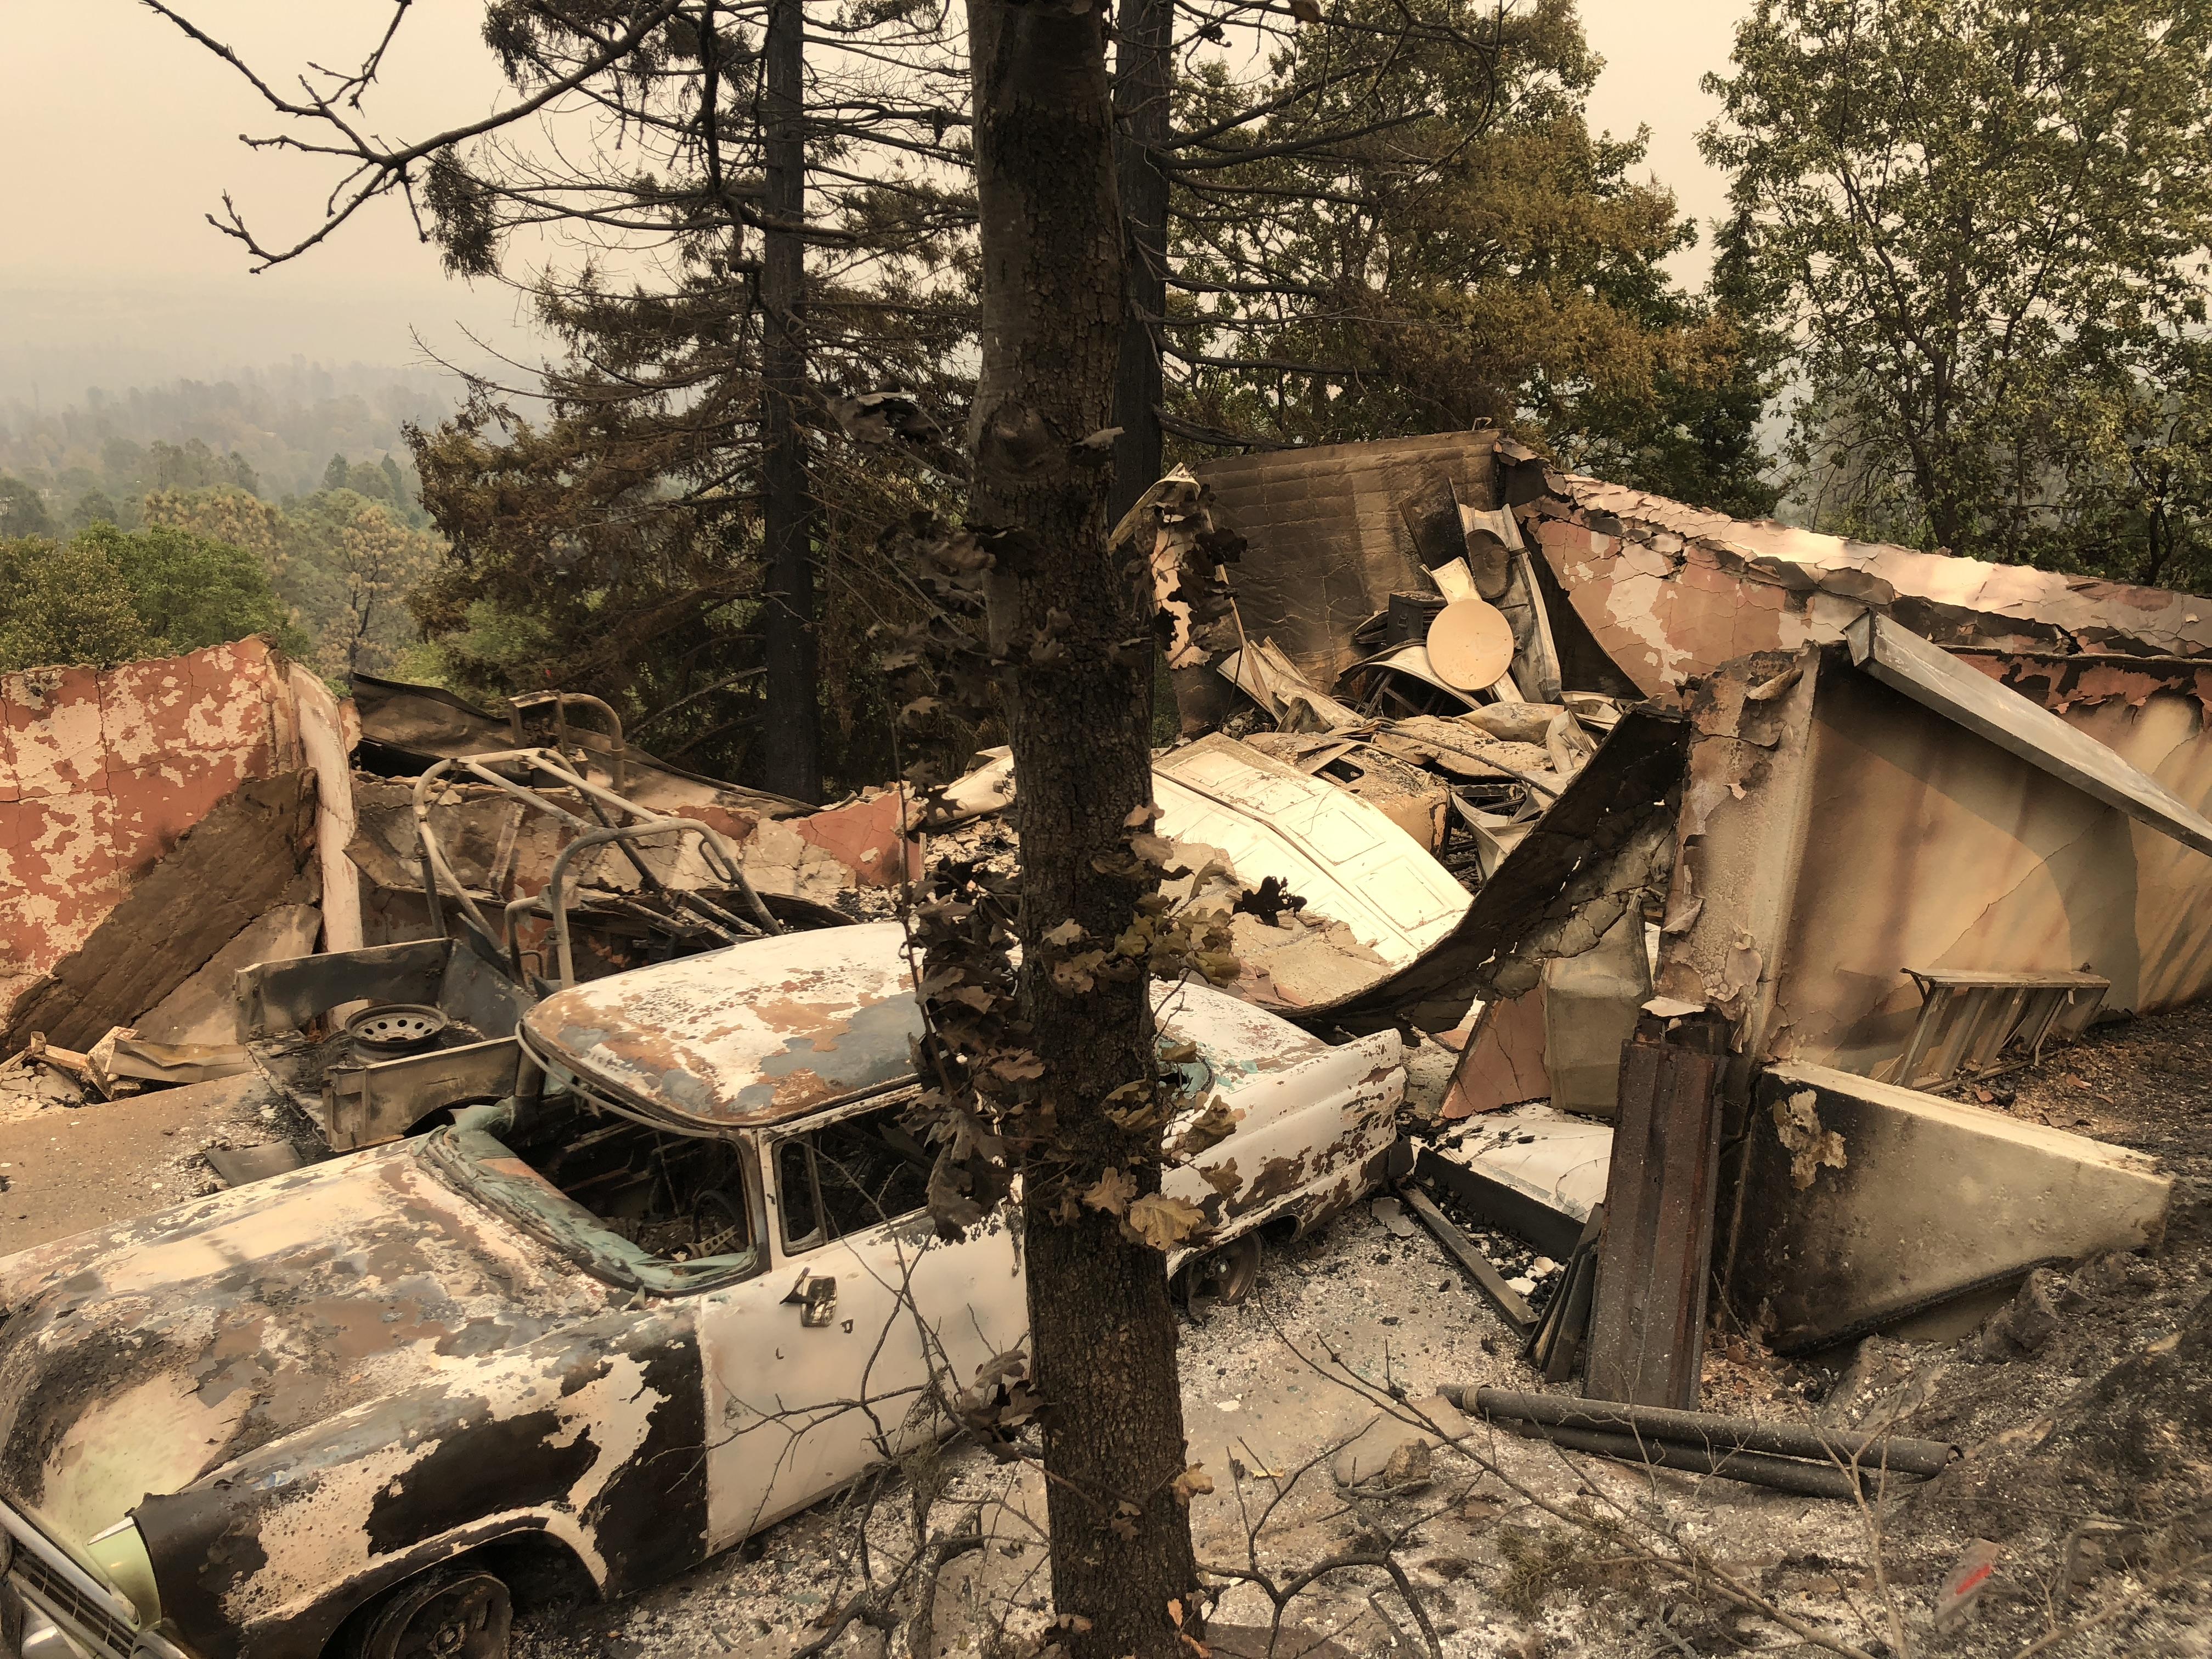 La devastación en un barrio cerca de Redding (AFP/ Gianrigo MARLETTA)